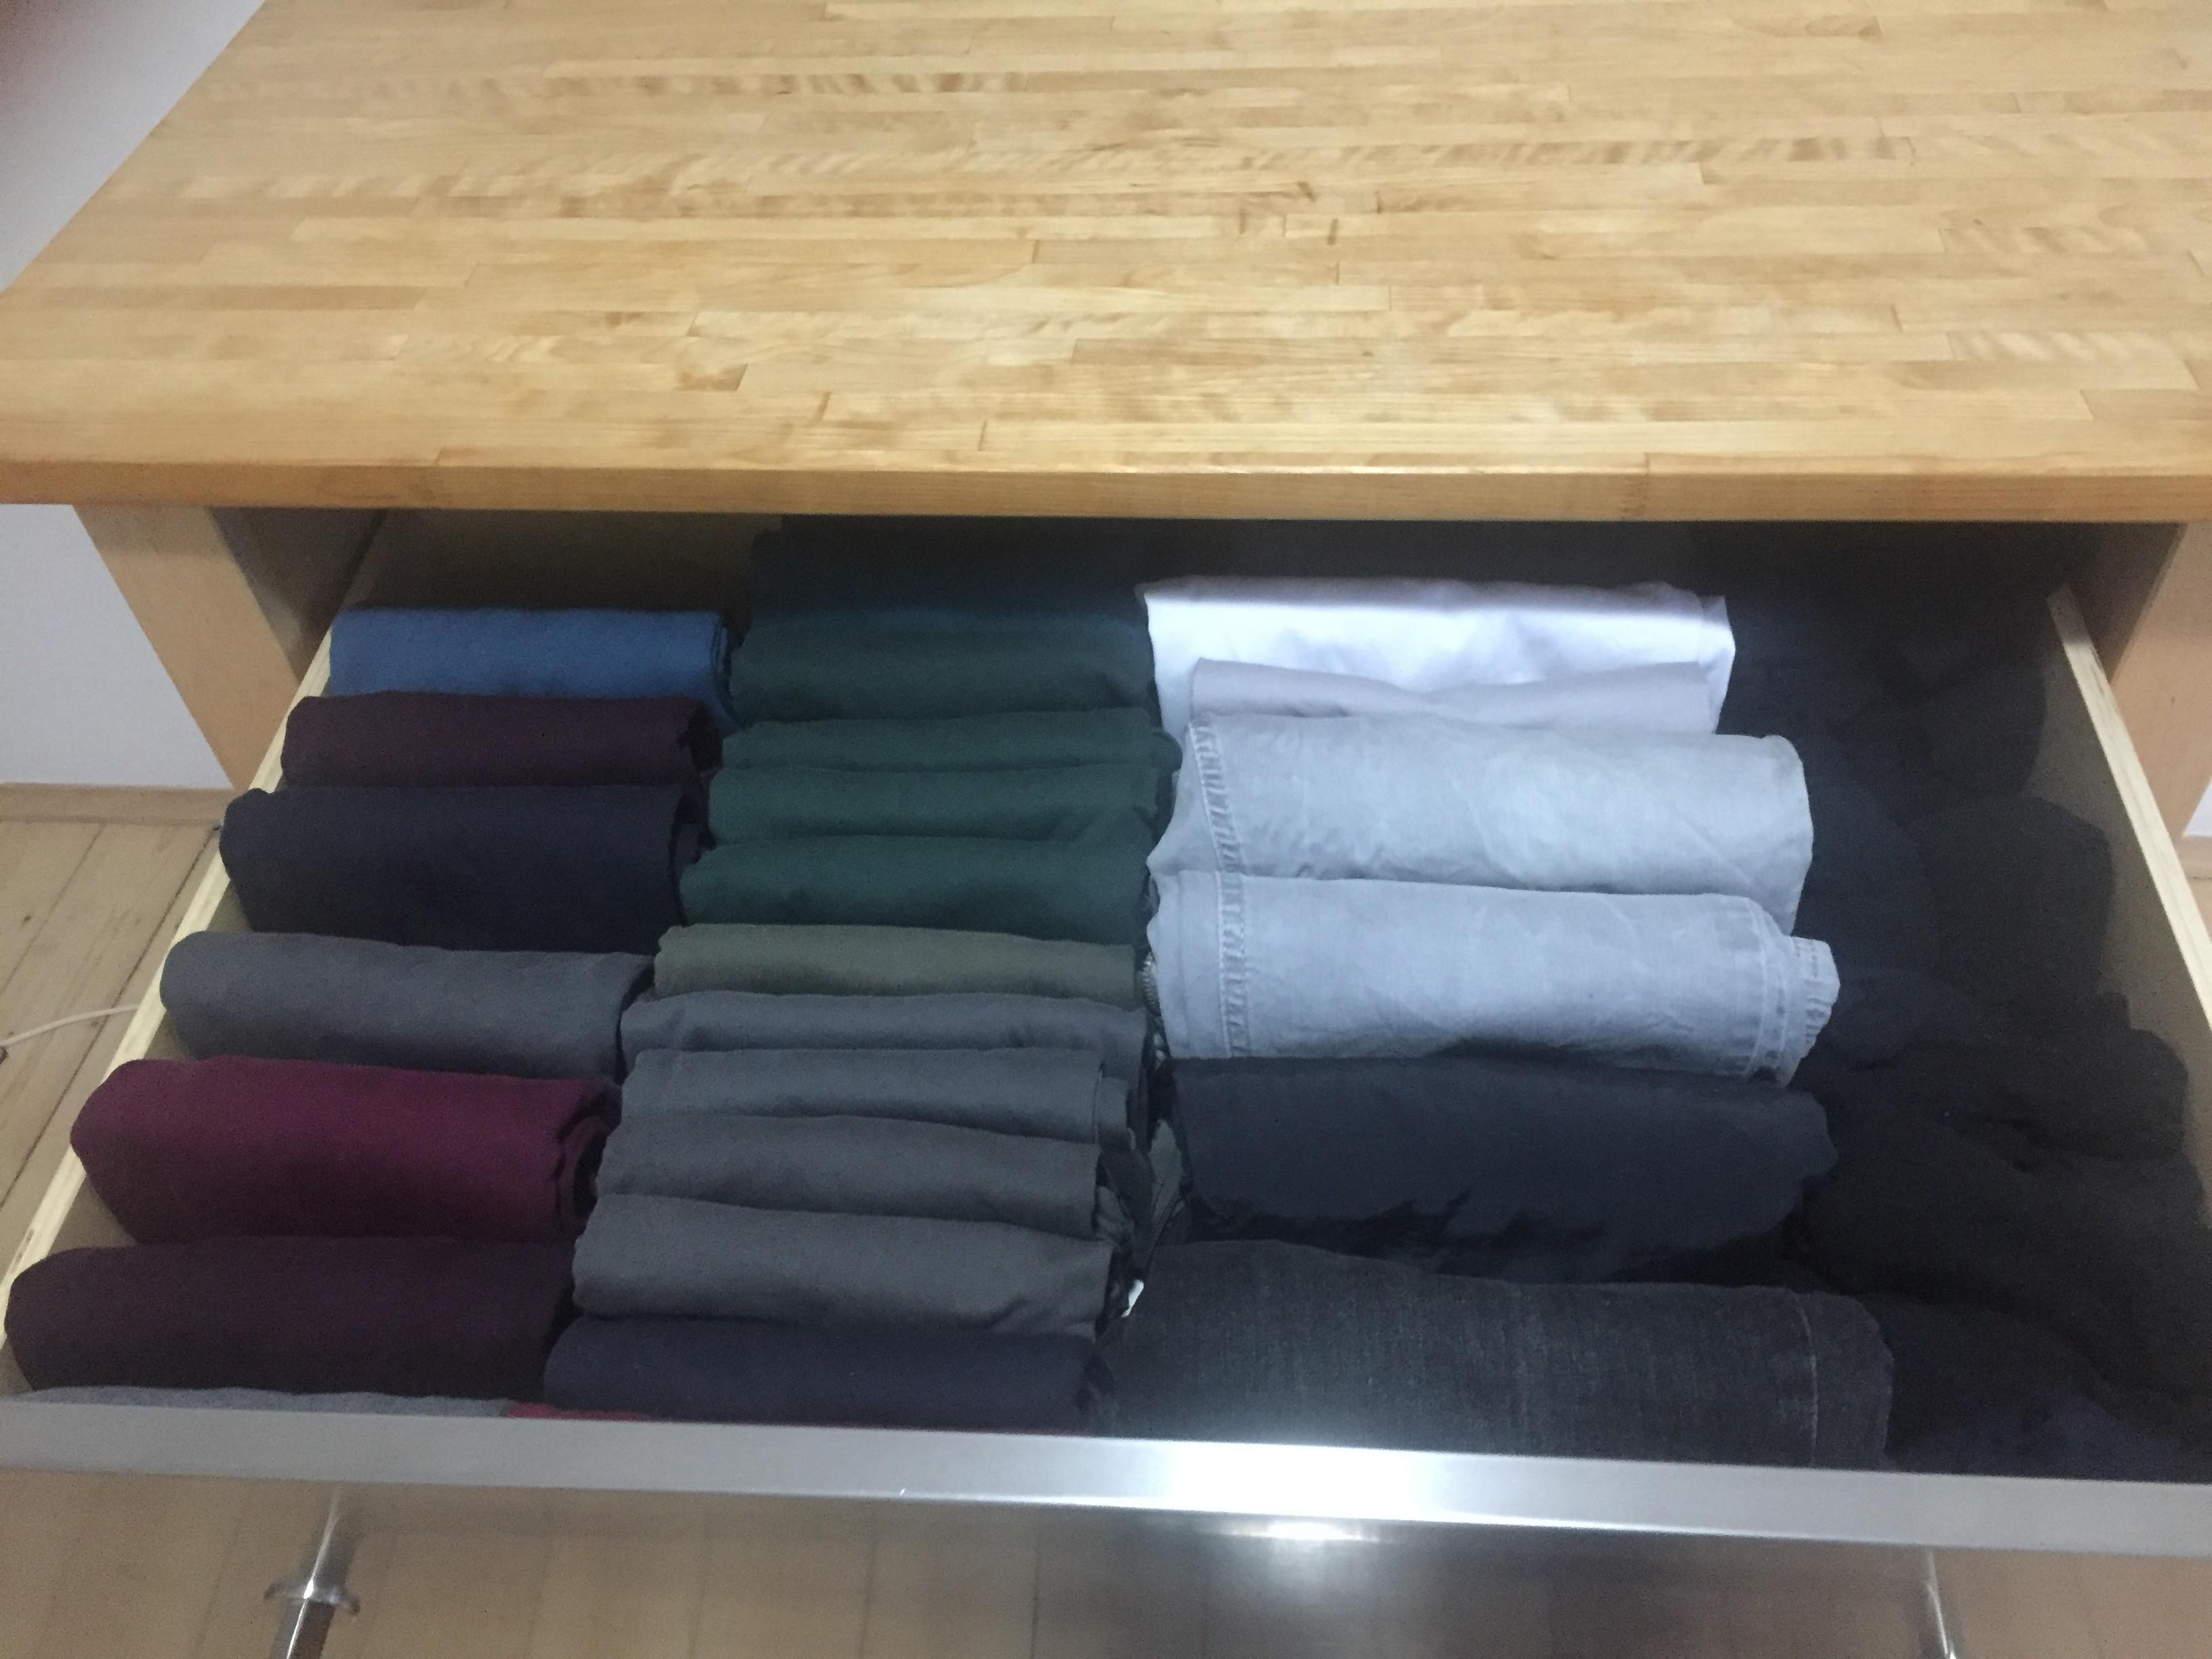 a5c58467562 geöffnete Schublade eines Schubladenschrankes mit gefalteten T-Shirts und  Hosen